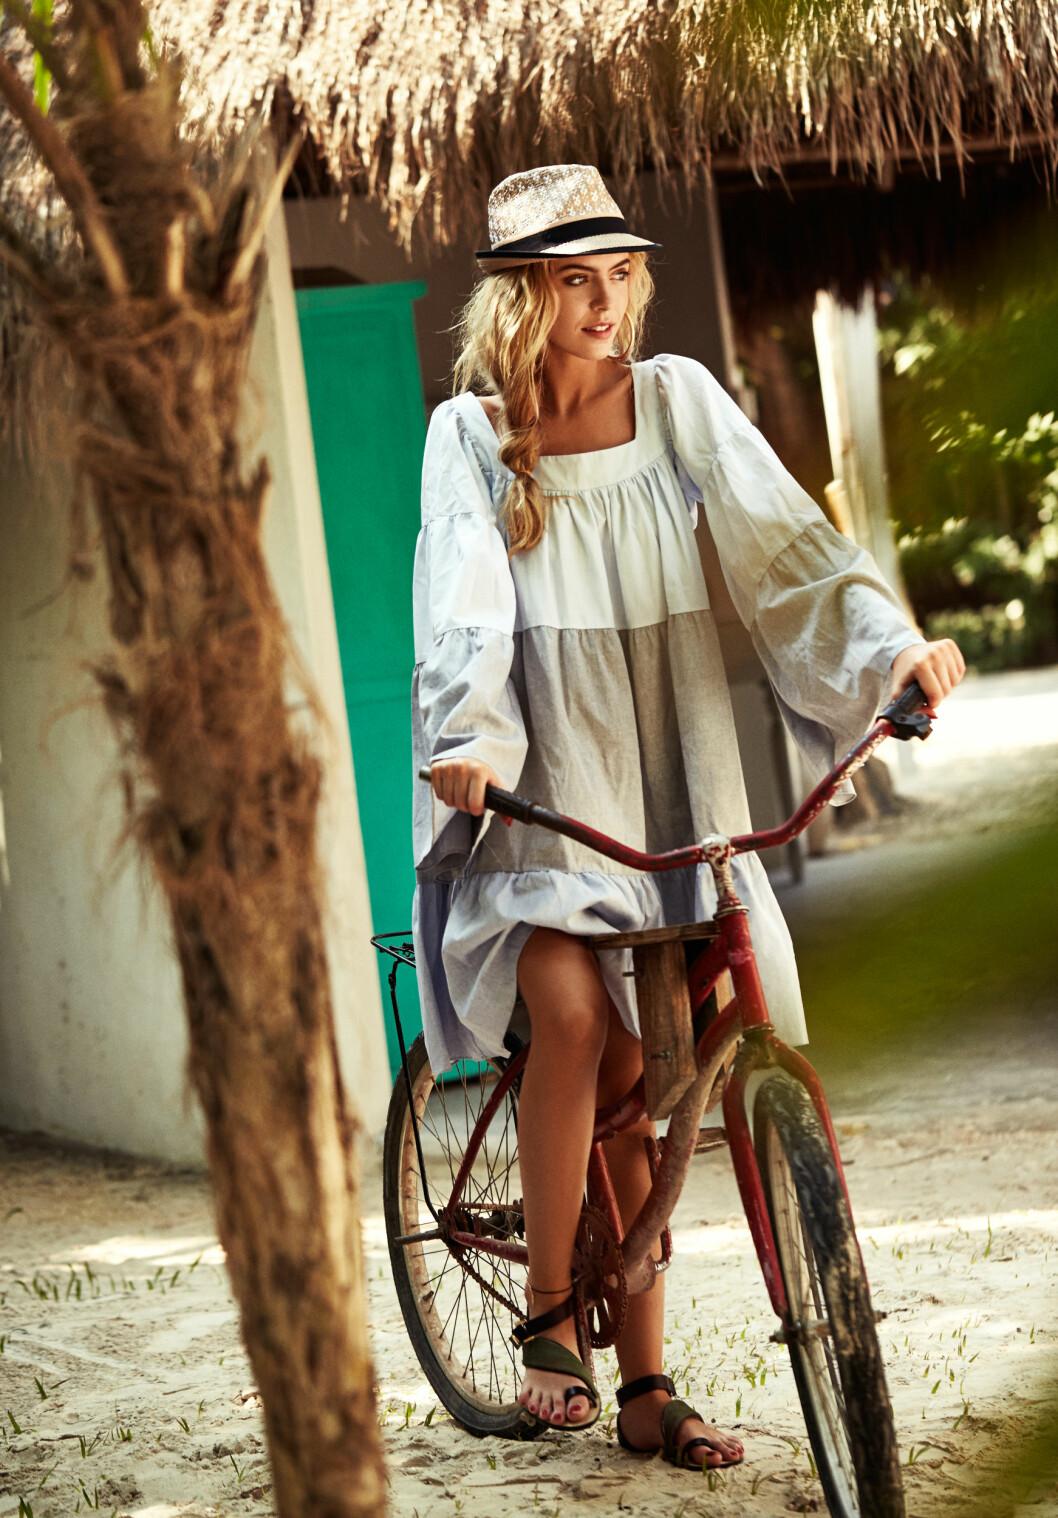 Kjole fra Lisa Meriw Fernandes via Mytheresa.com, kr 4900. Hatt fra Style Butler, kr 599. Sandaler fra By Malene Birger, kr 2600.  Foto: Lasse Wind